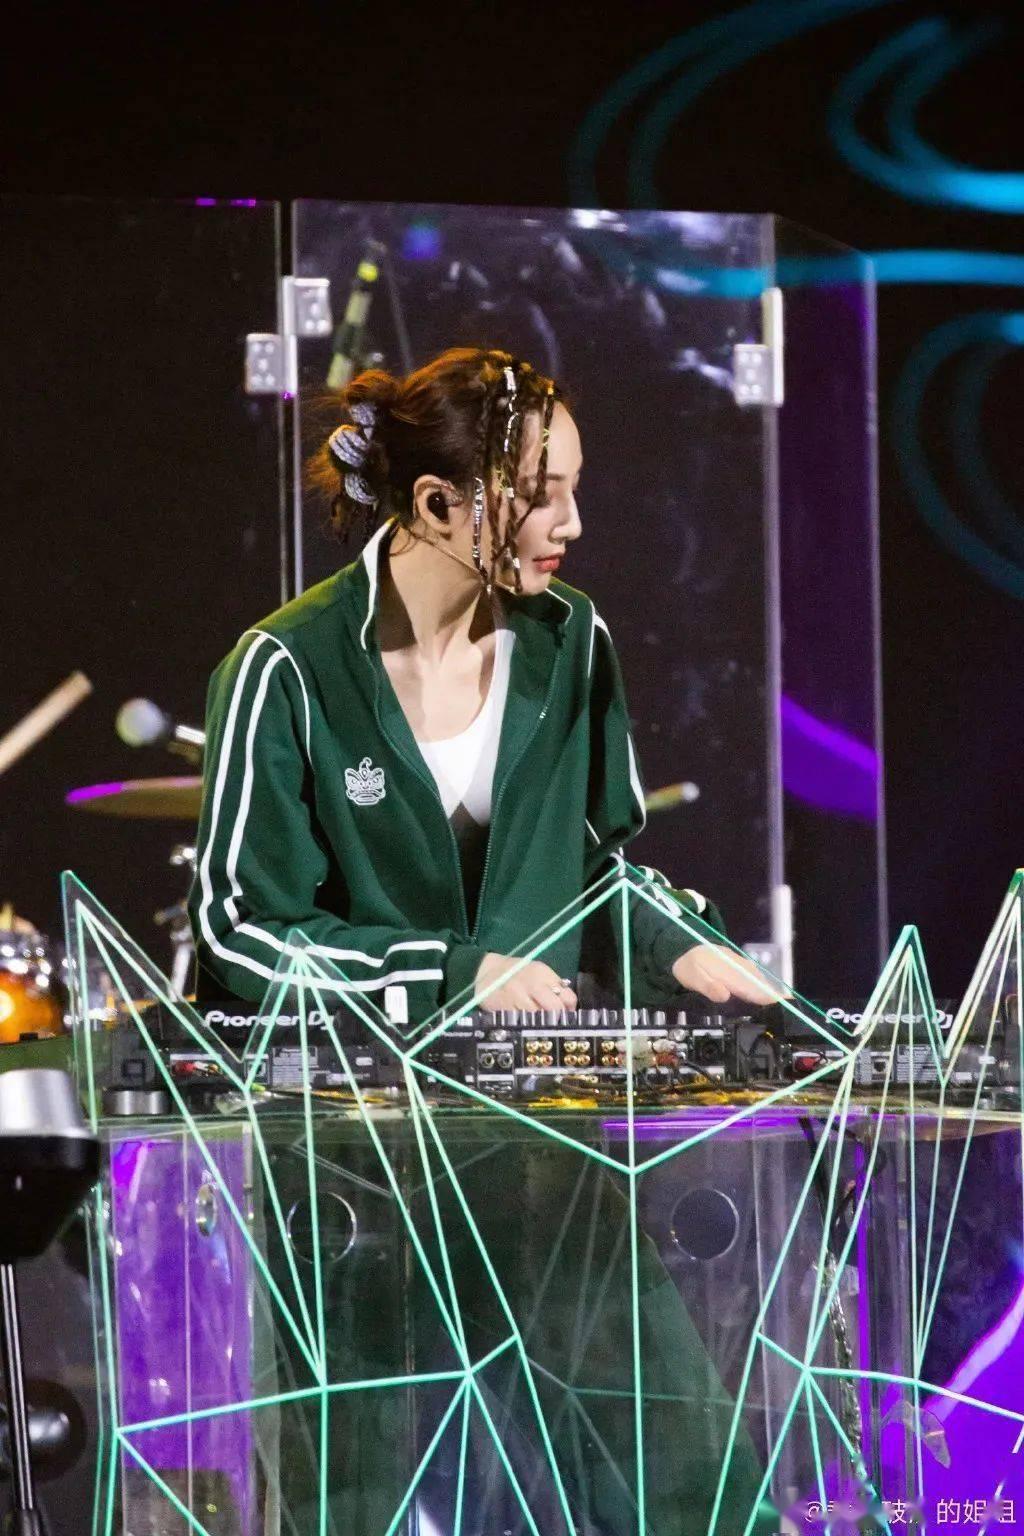 你只看到了郑希怡的唱跳?她的小脏辫不值得出圈吗!插图(1)